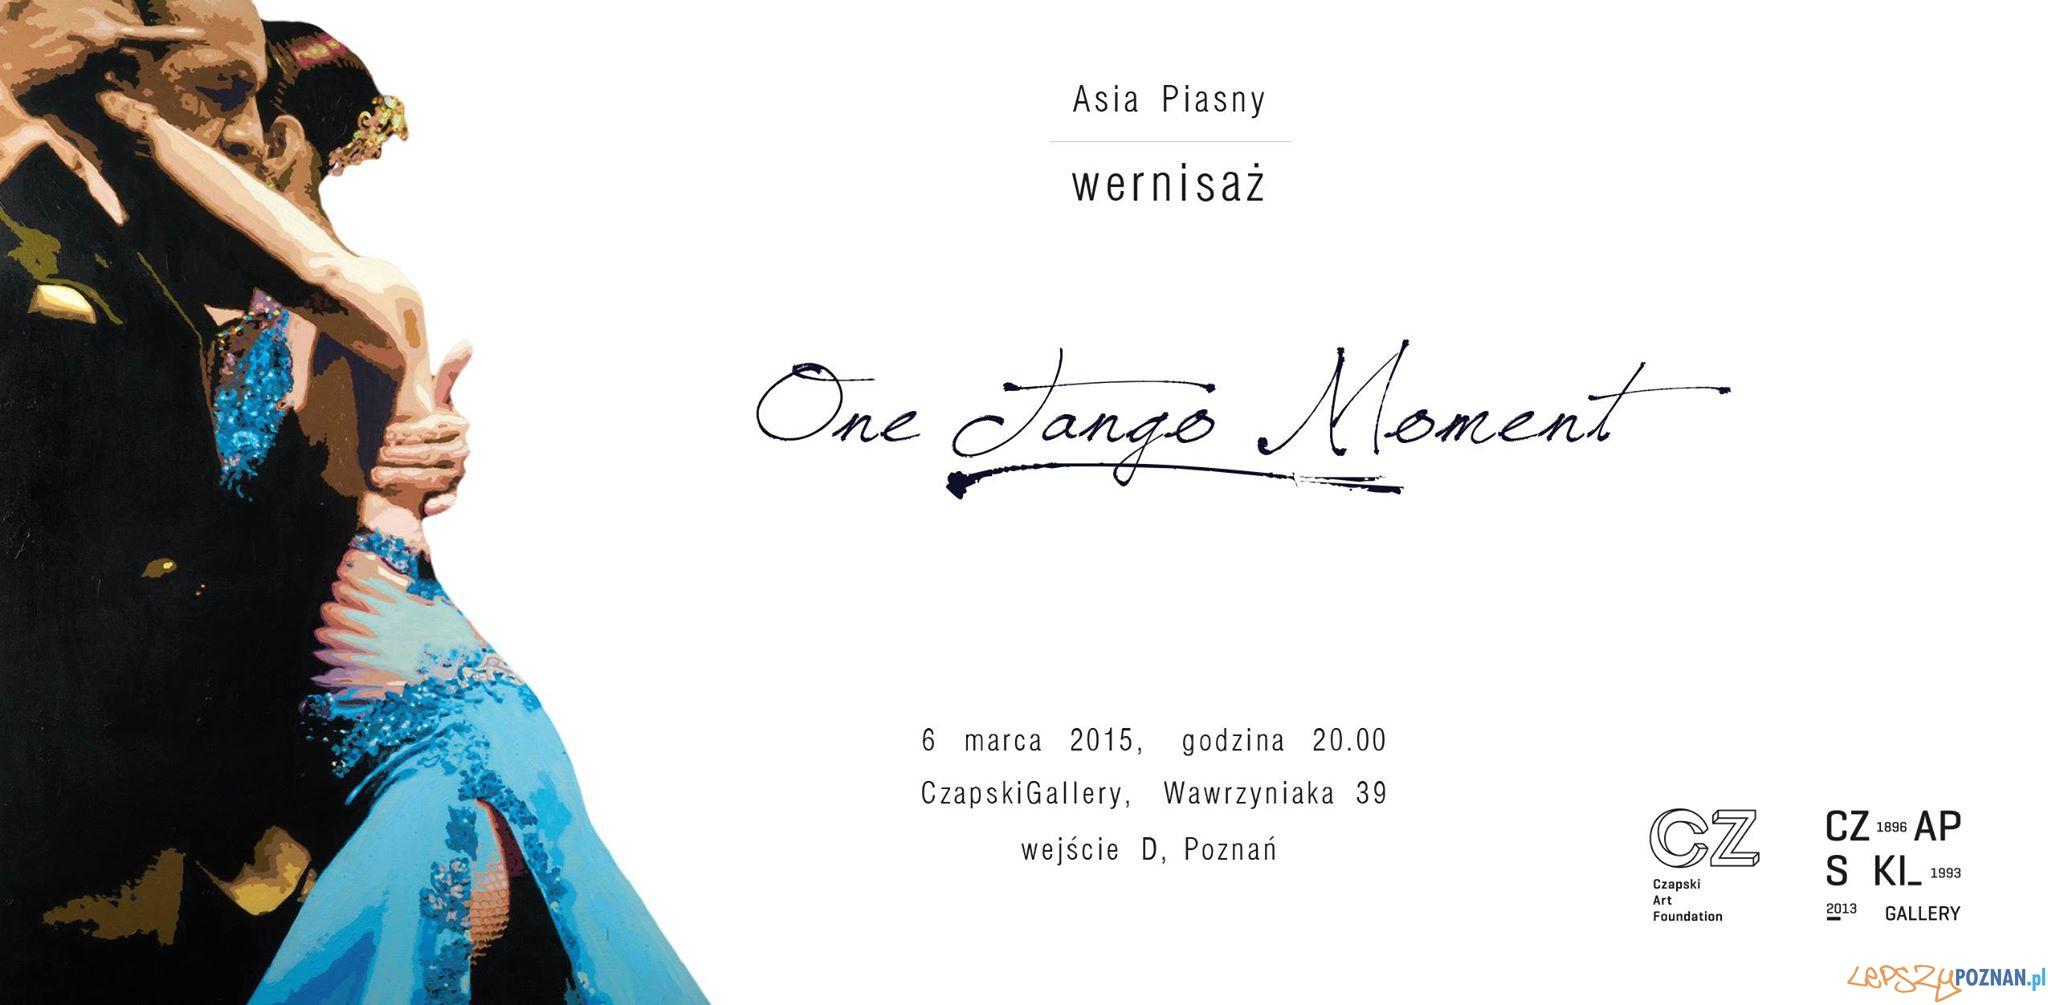 Wernisaz Asia Piasny  Foto: